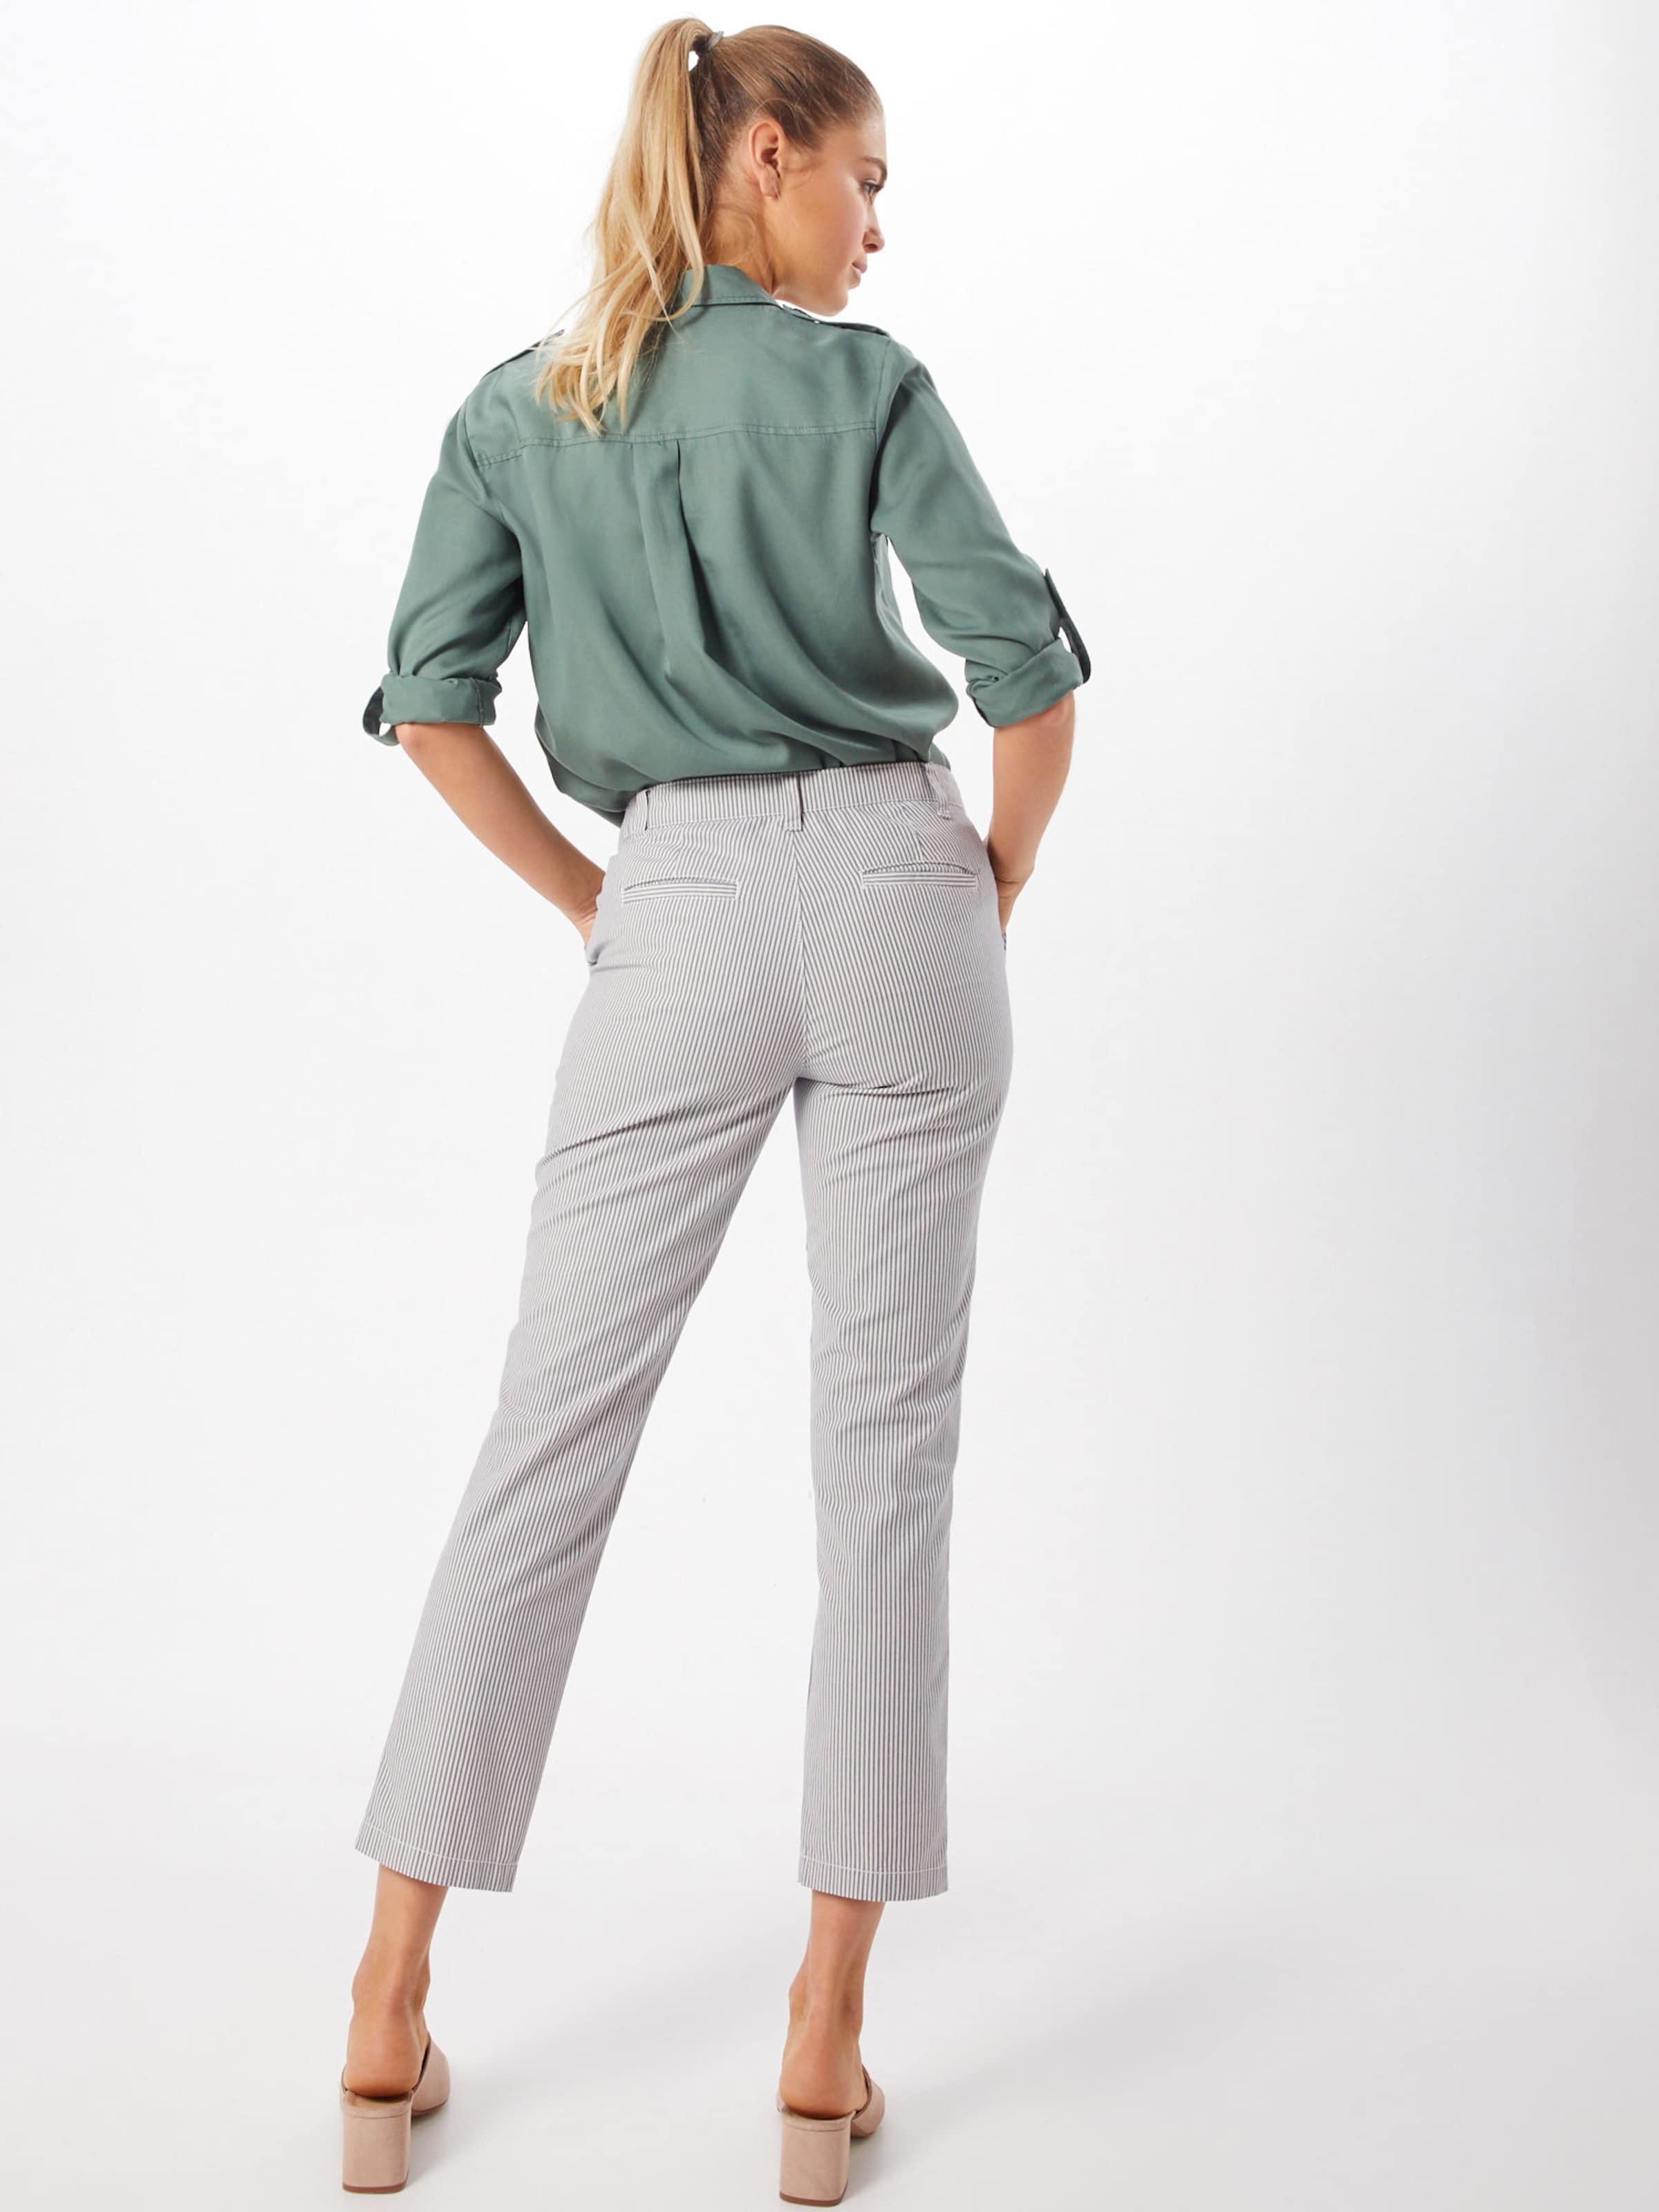 GrisBlanc Pantalon Chino GrisBlanc Gap Chino En Gap Pantalon Gap En vwnOmN80